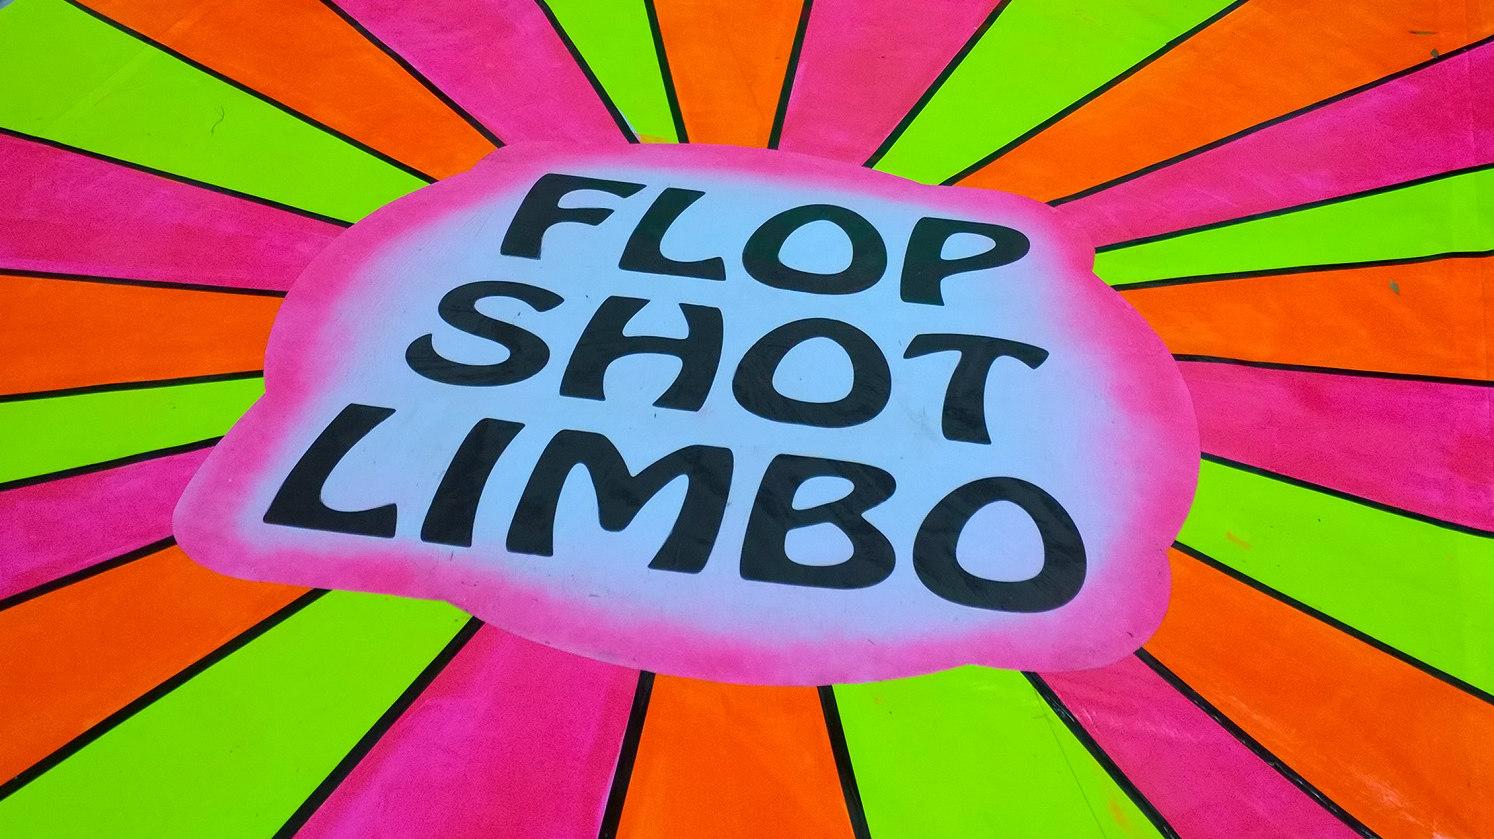 flop shot wall